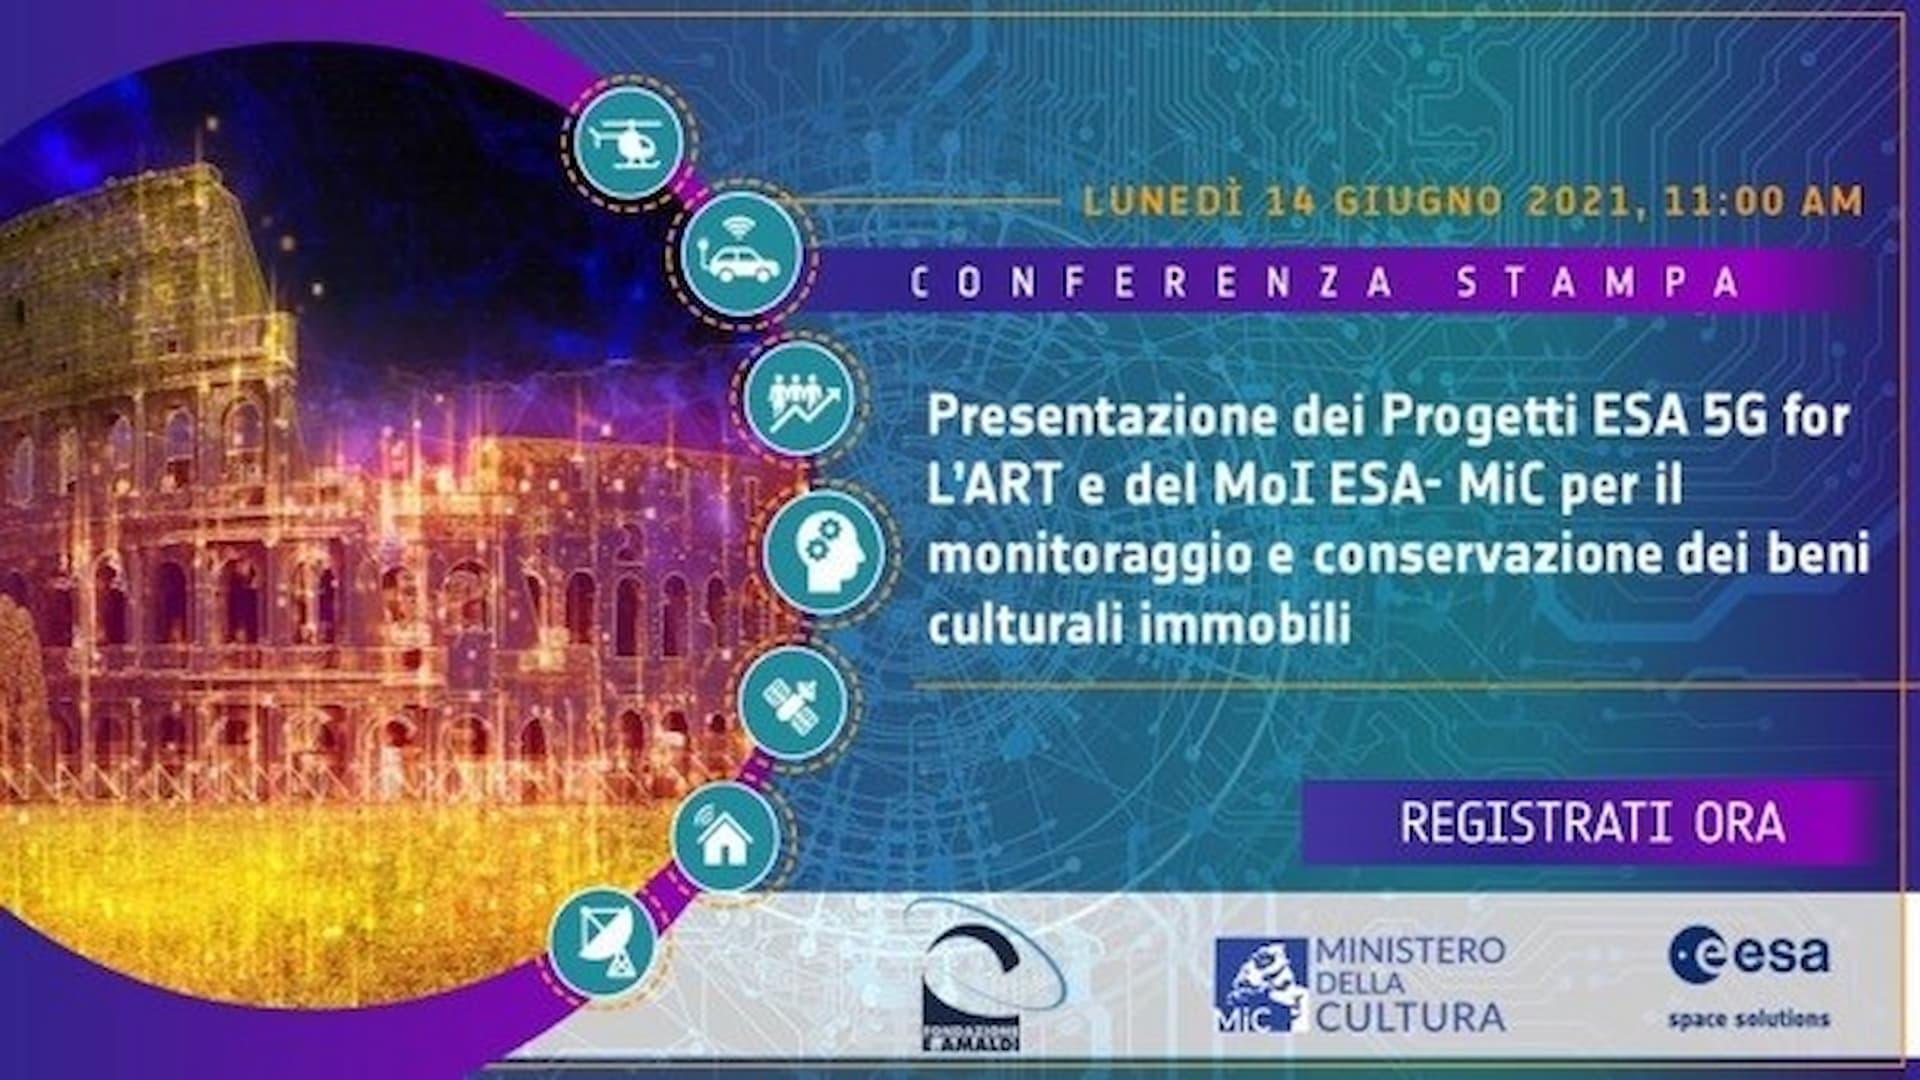 ASI - Conferenza Stampa ESA-Ministero della Cultura-ASI